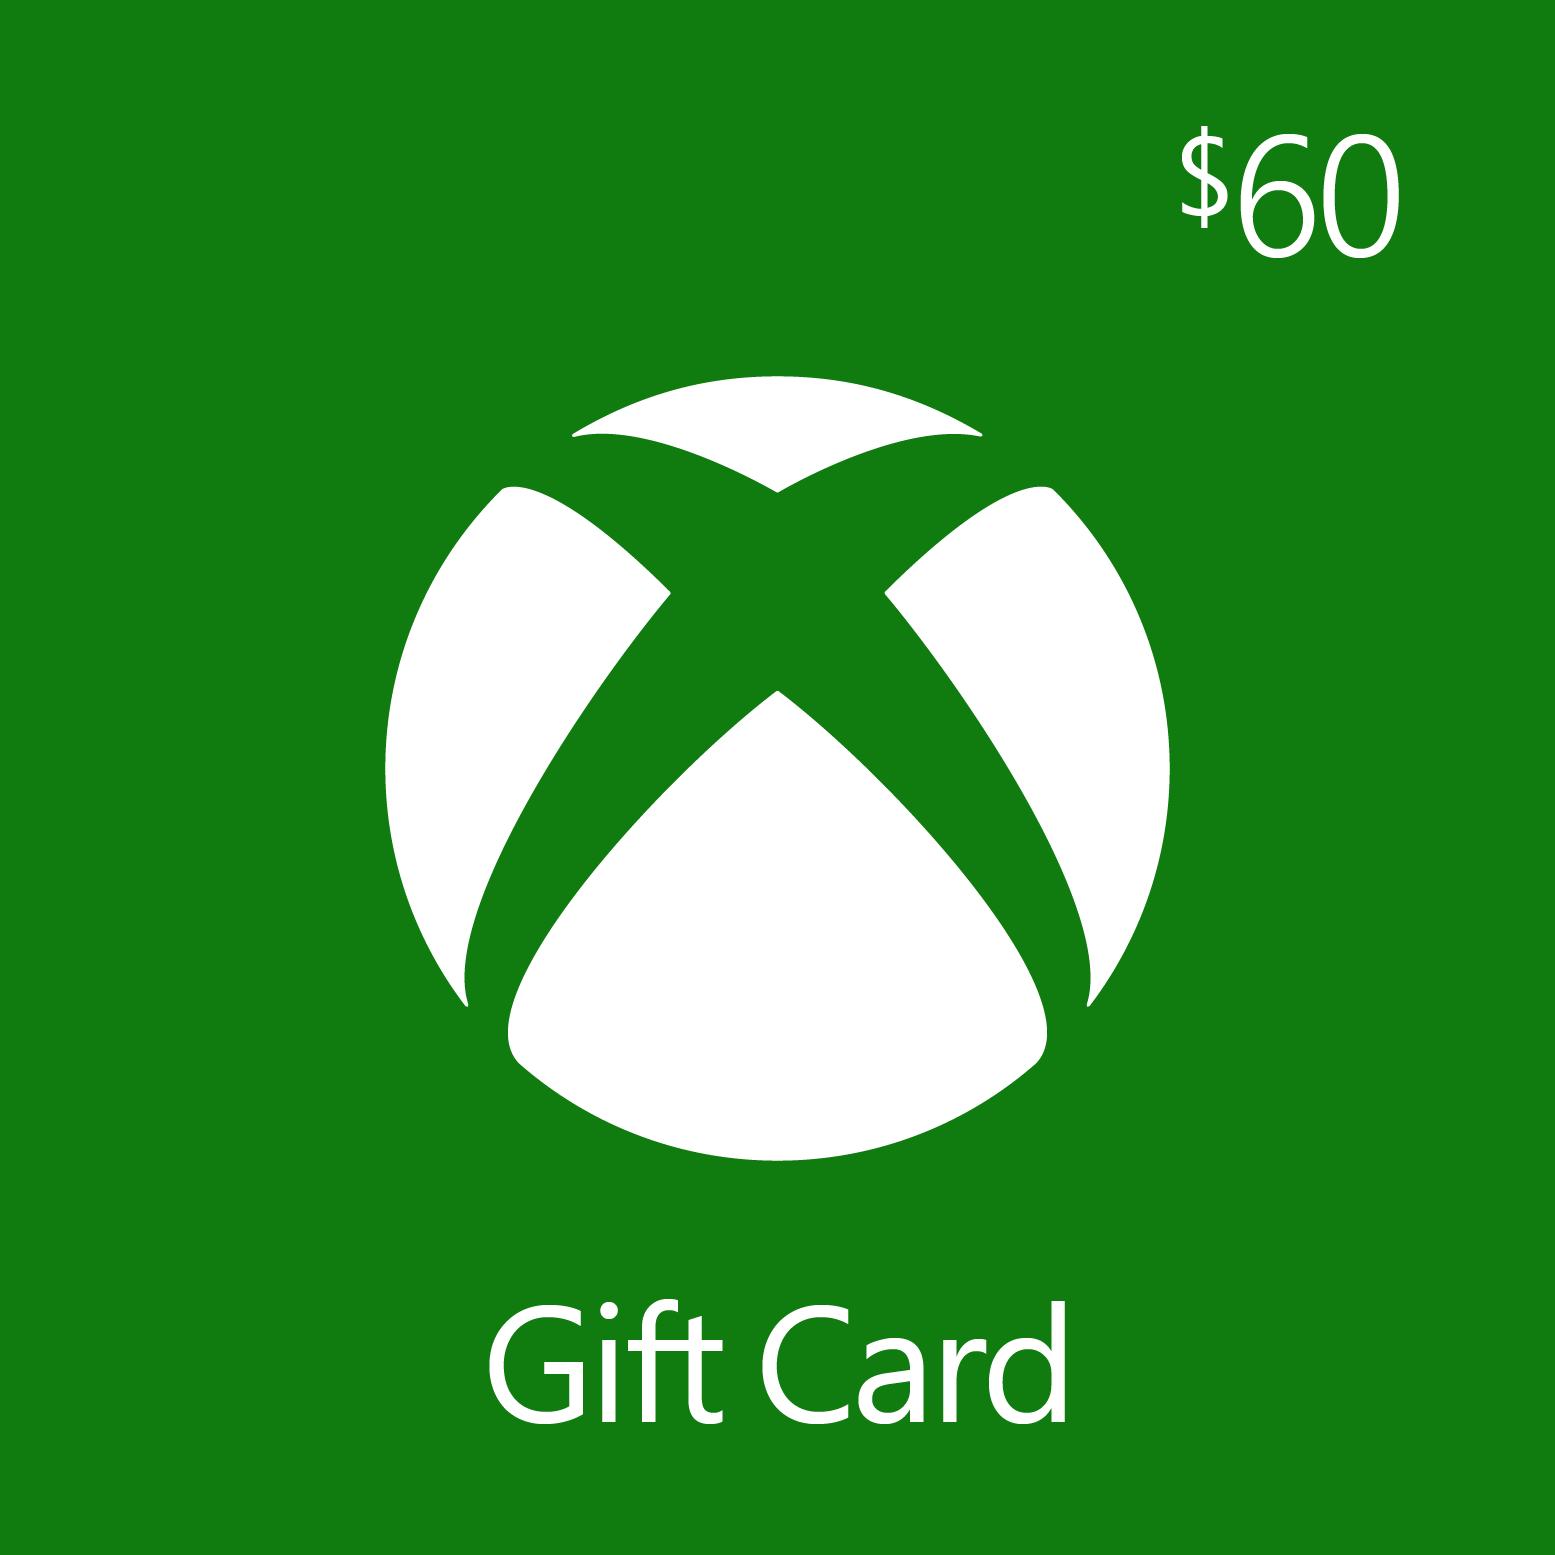 $60.00 Xbox Digital Gift Card